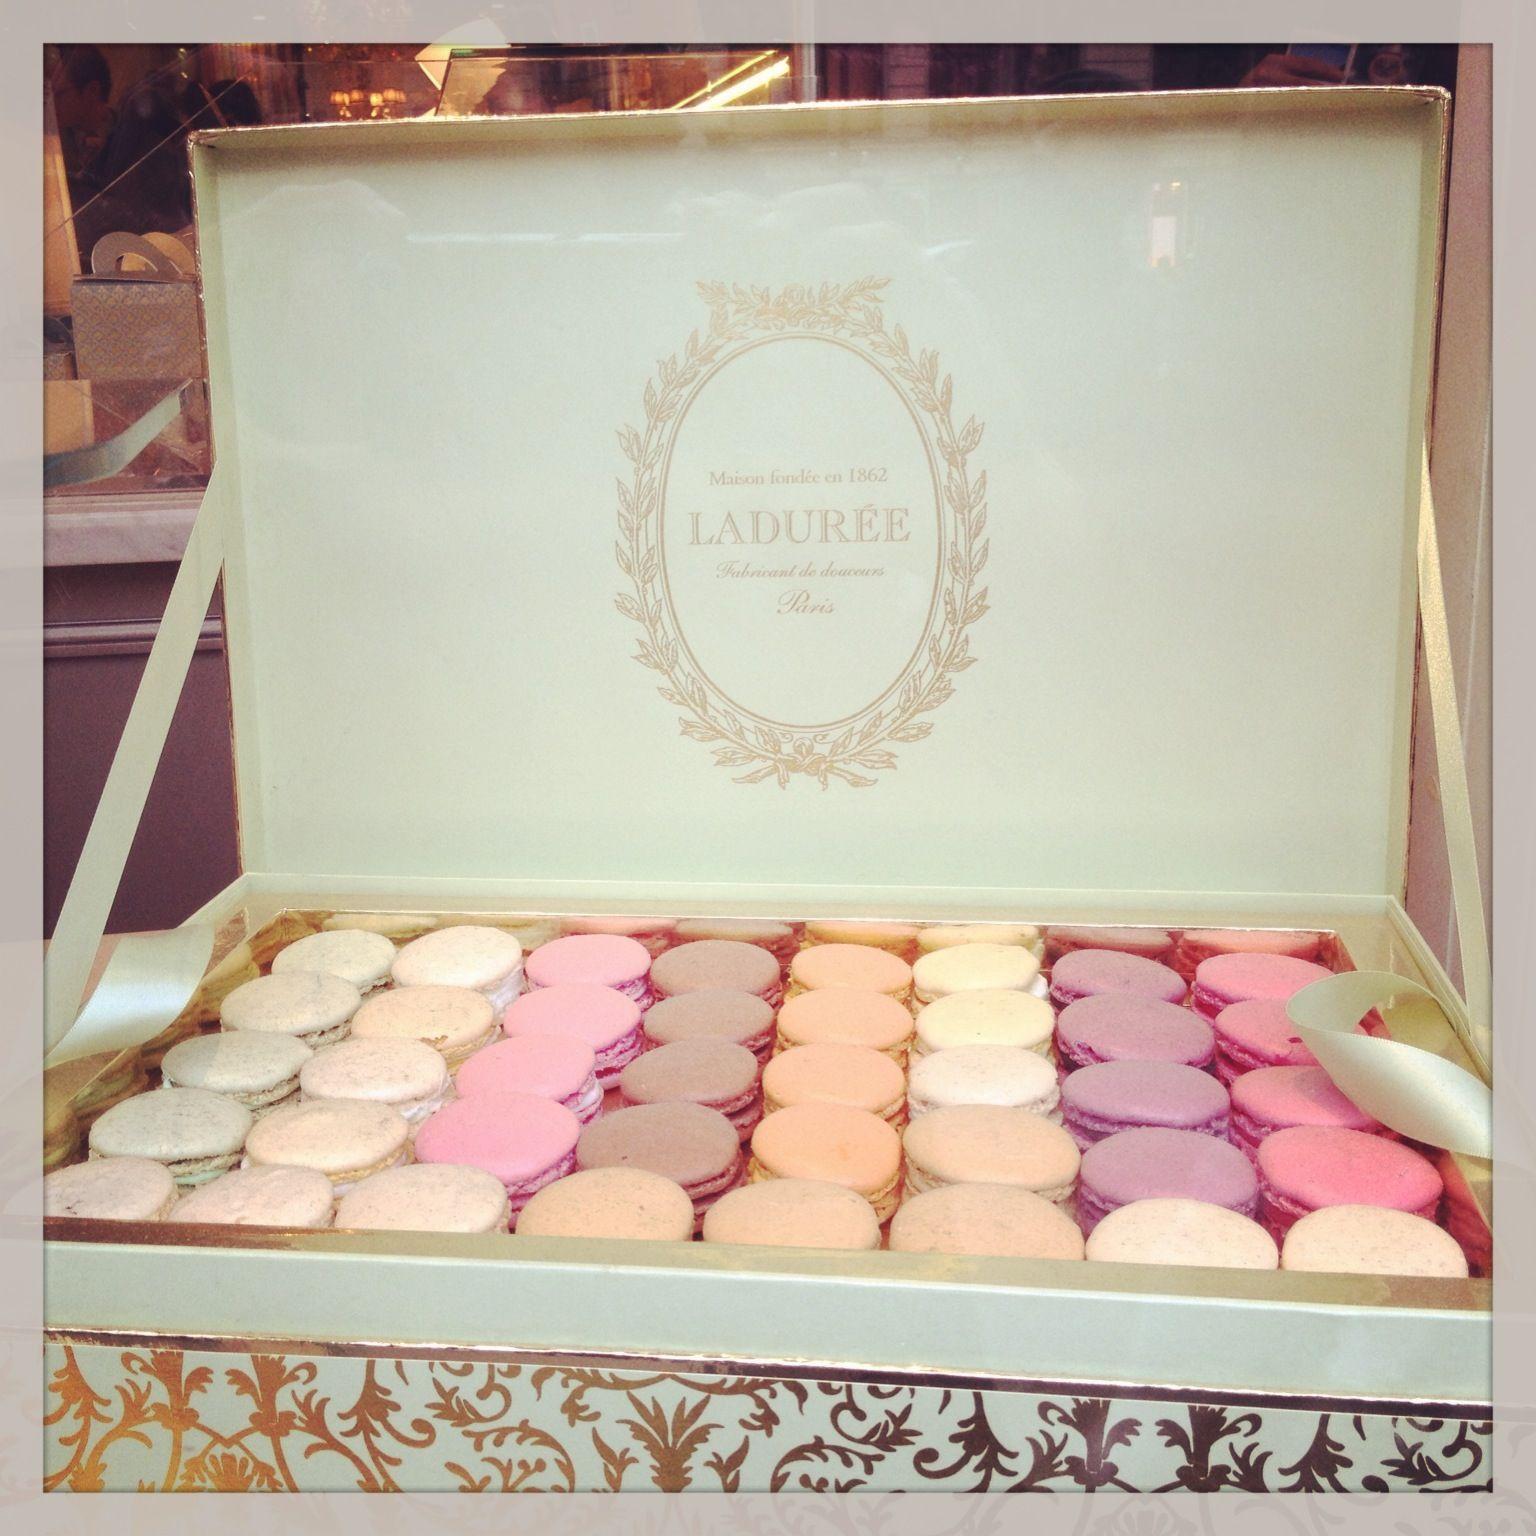 Box Of Laduree Macarons Petite Edible Fancies In 2019